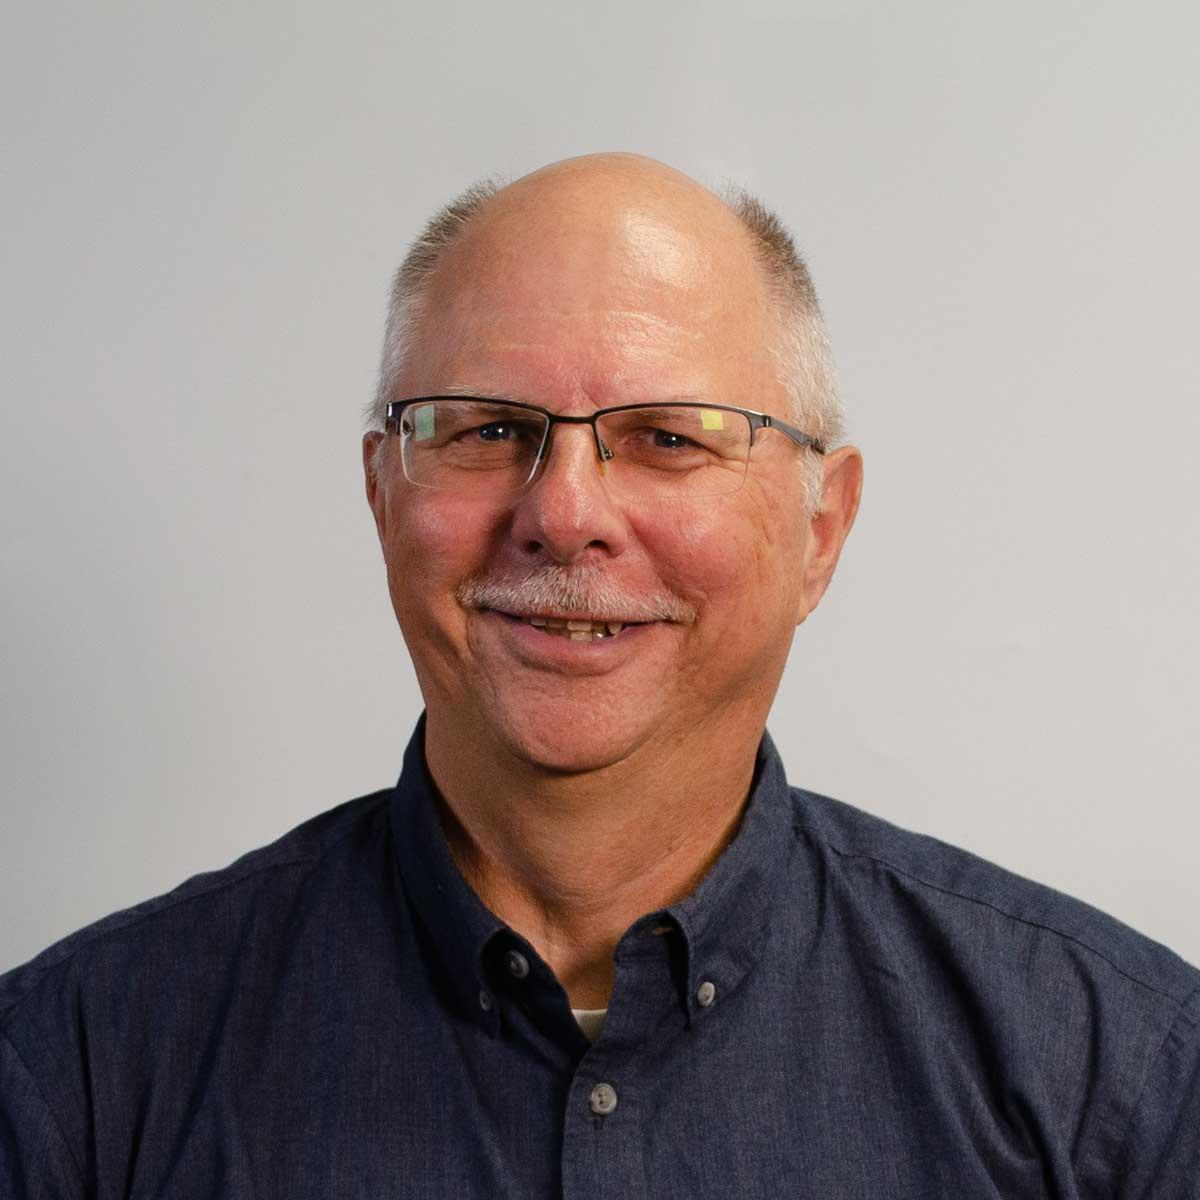 Mike Vetz